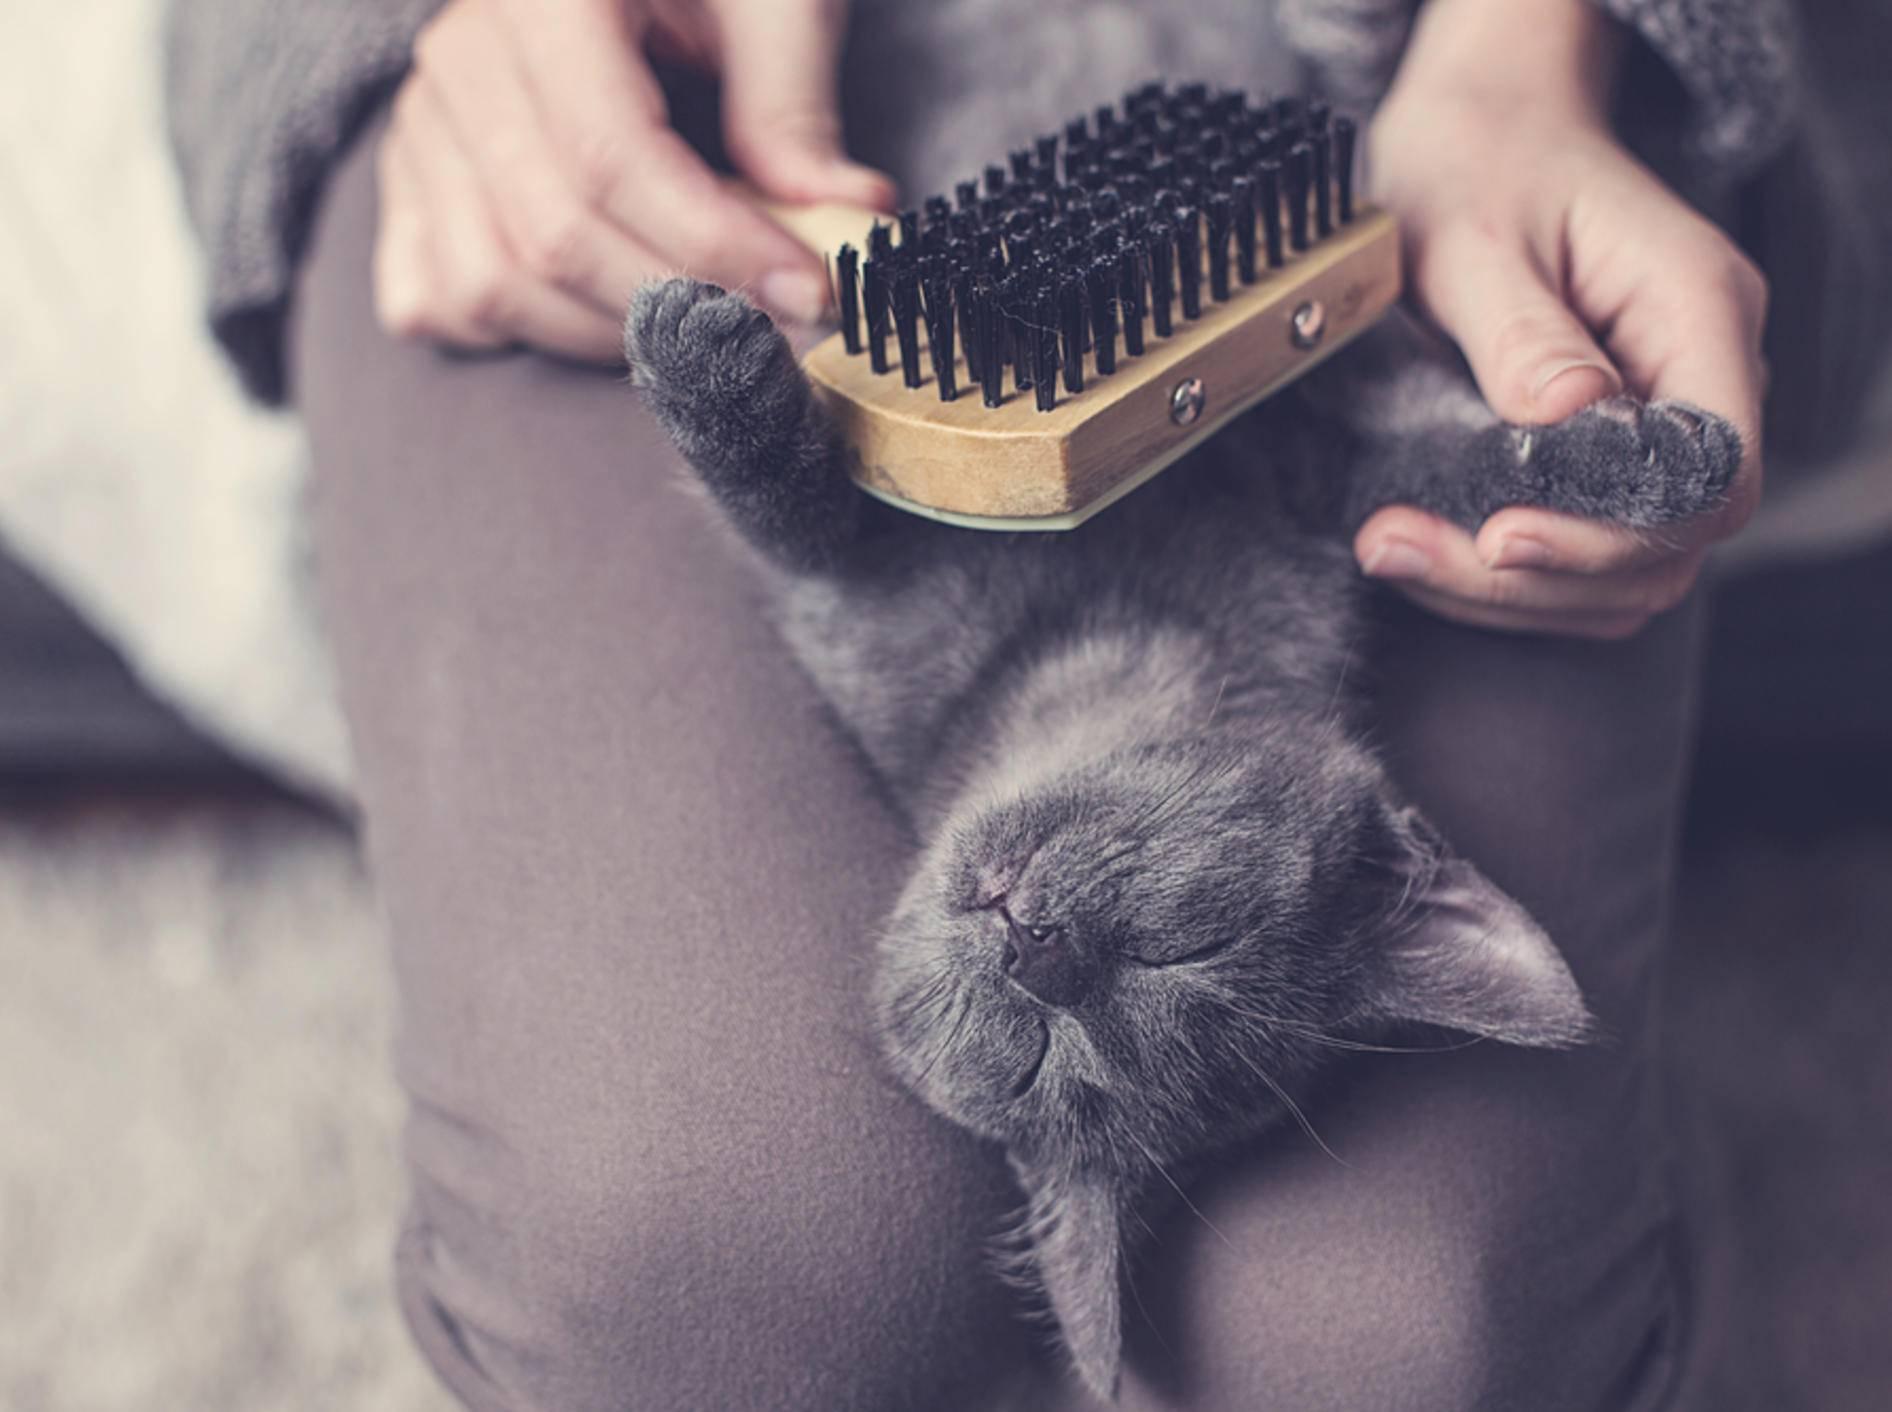 Die hübsche Samtpfote genießt offensichtlich die zusätzliche Fellpflege durch ihren Menschen – Shutterstock / ajlatan